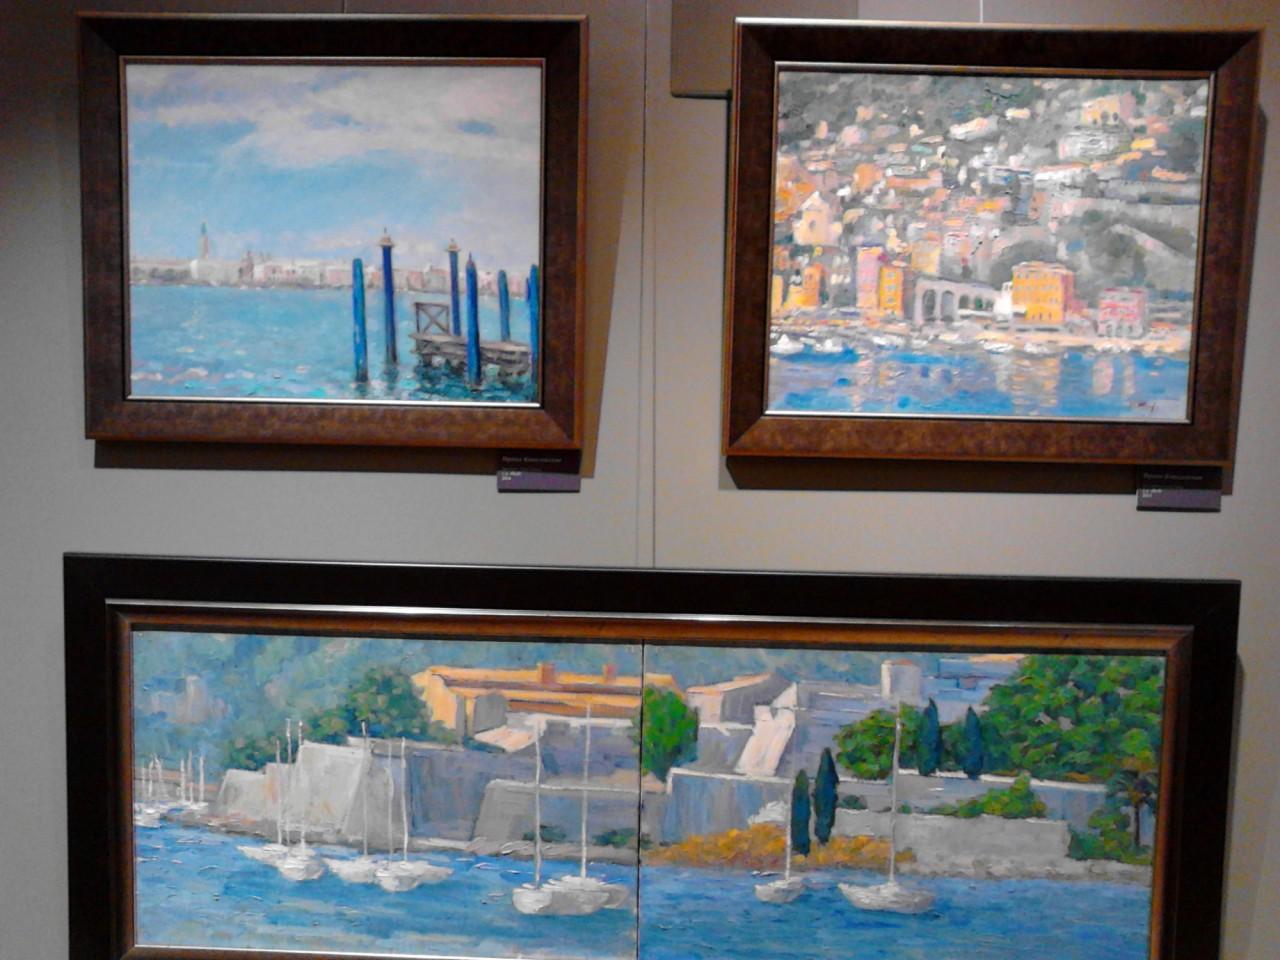 выставка Xolst выставка, живопись, картины, художники